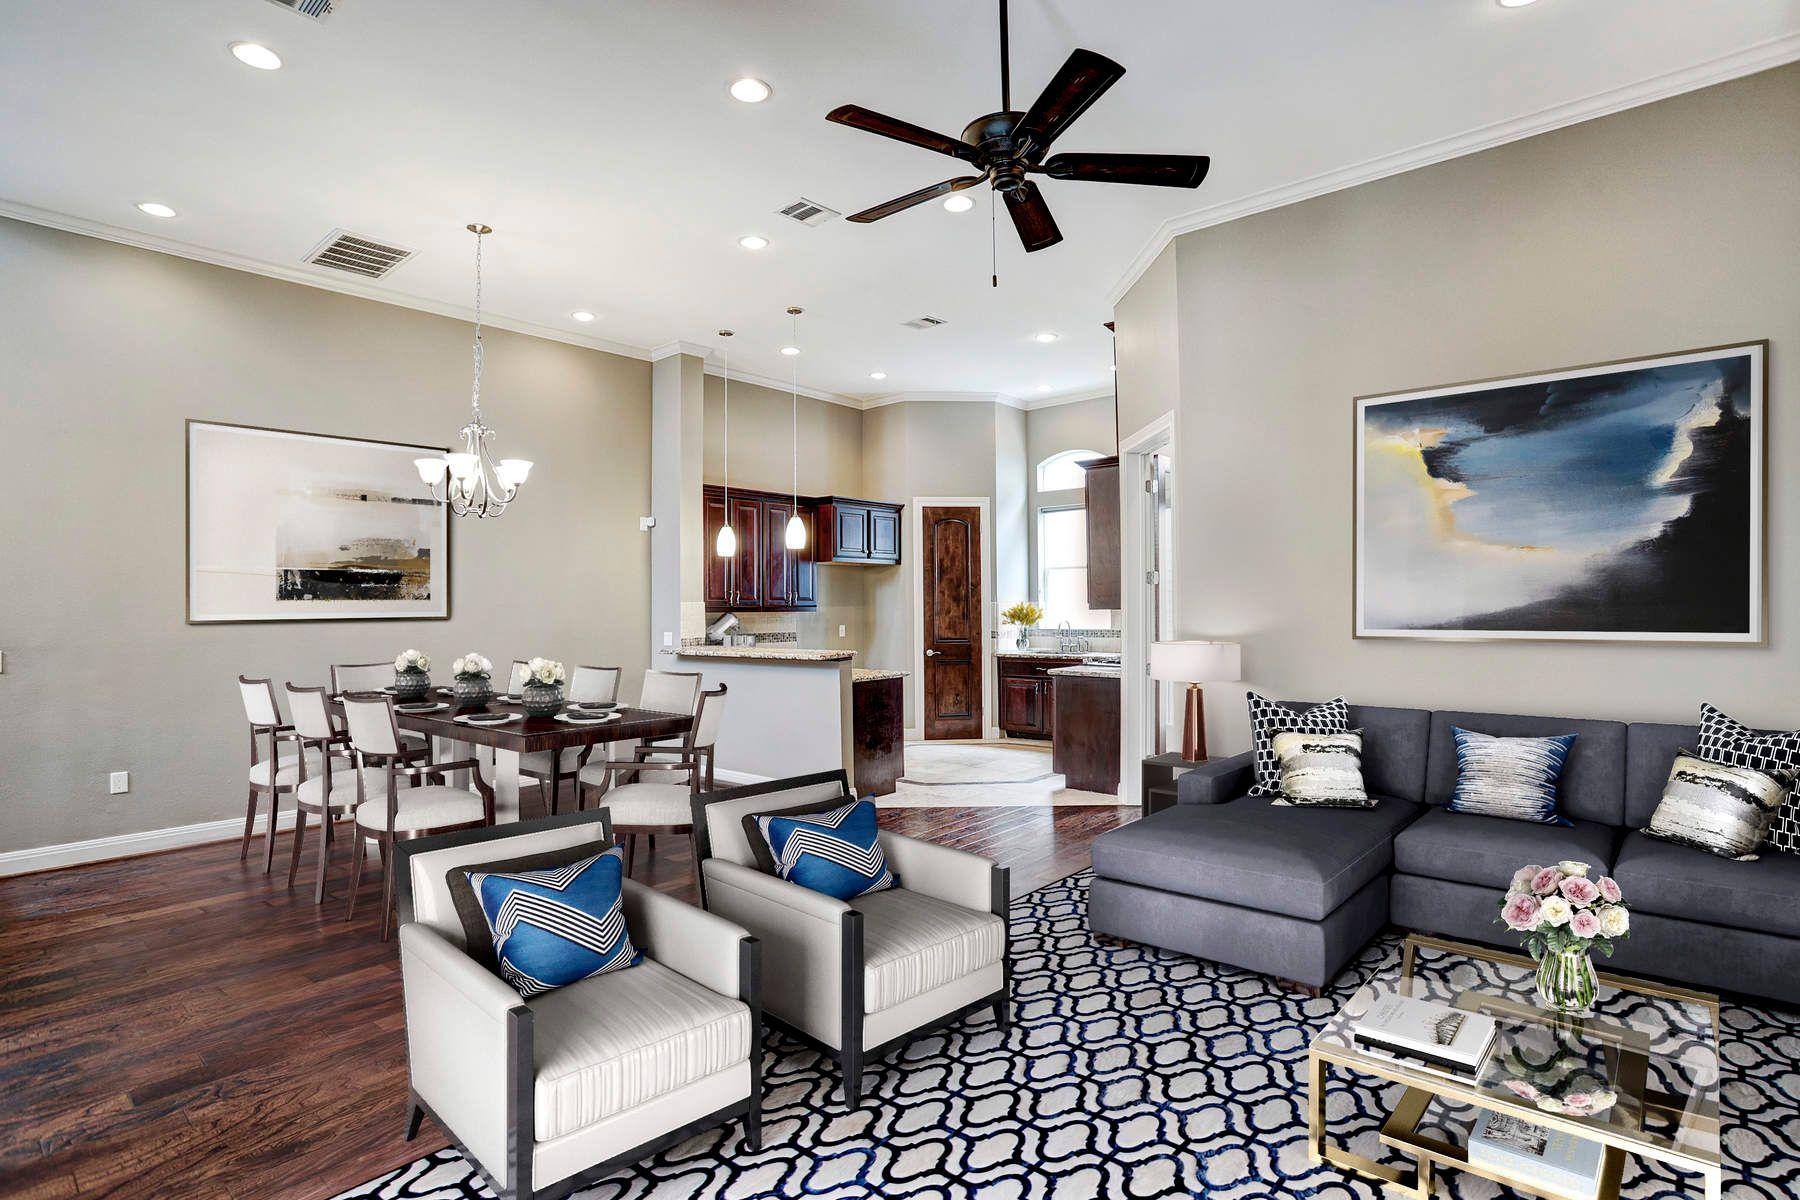 独户住宅 为 销售 在 2024 Sabine Street 休斯顿, 得克萨斯州, 77007 美国